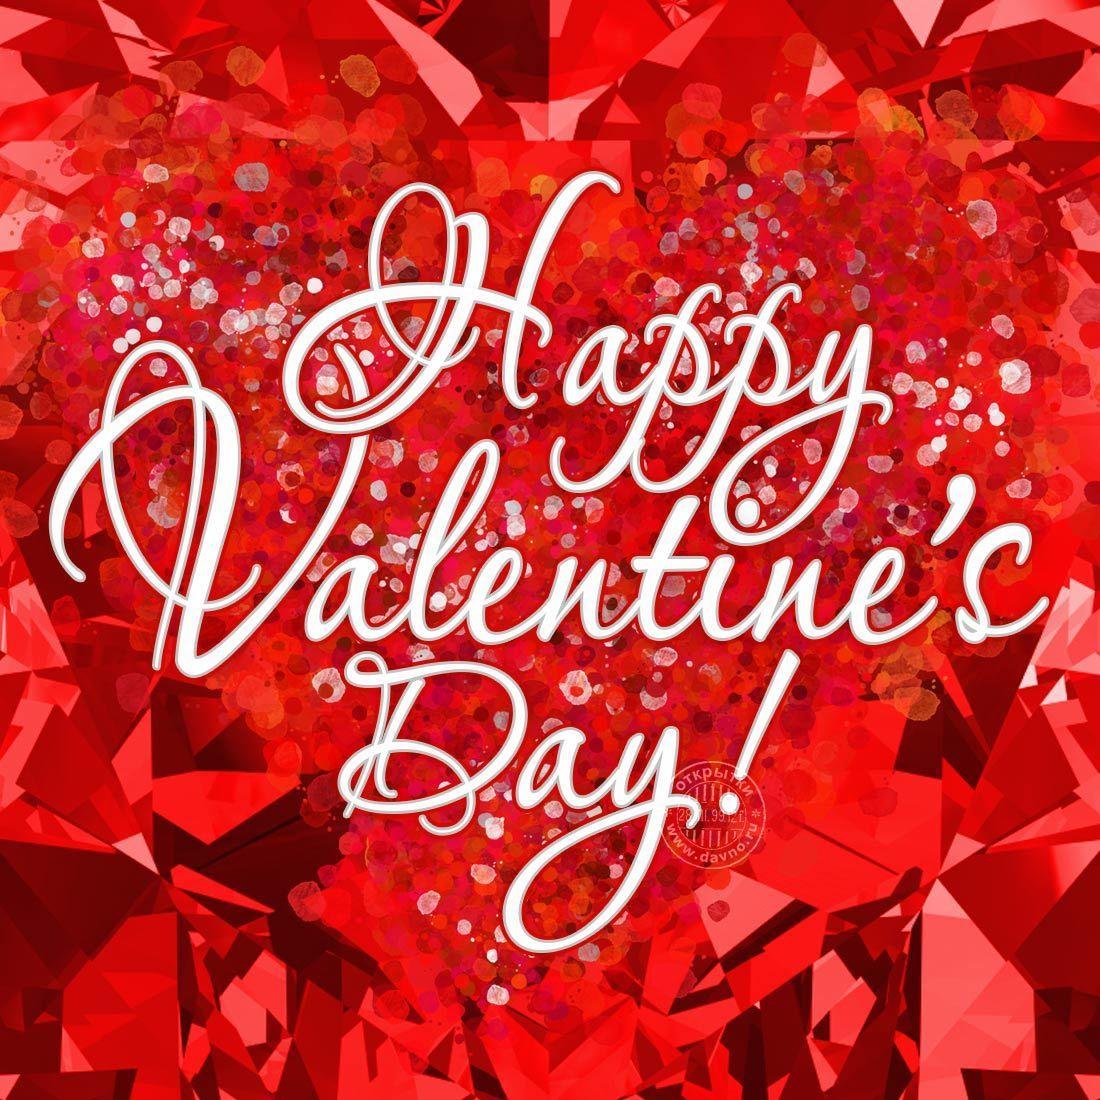 Валентина знакомым святого день